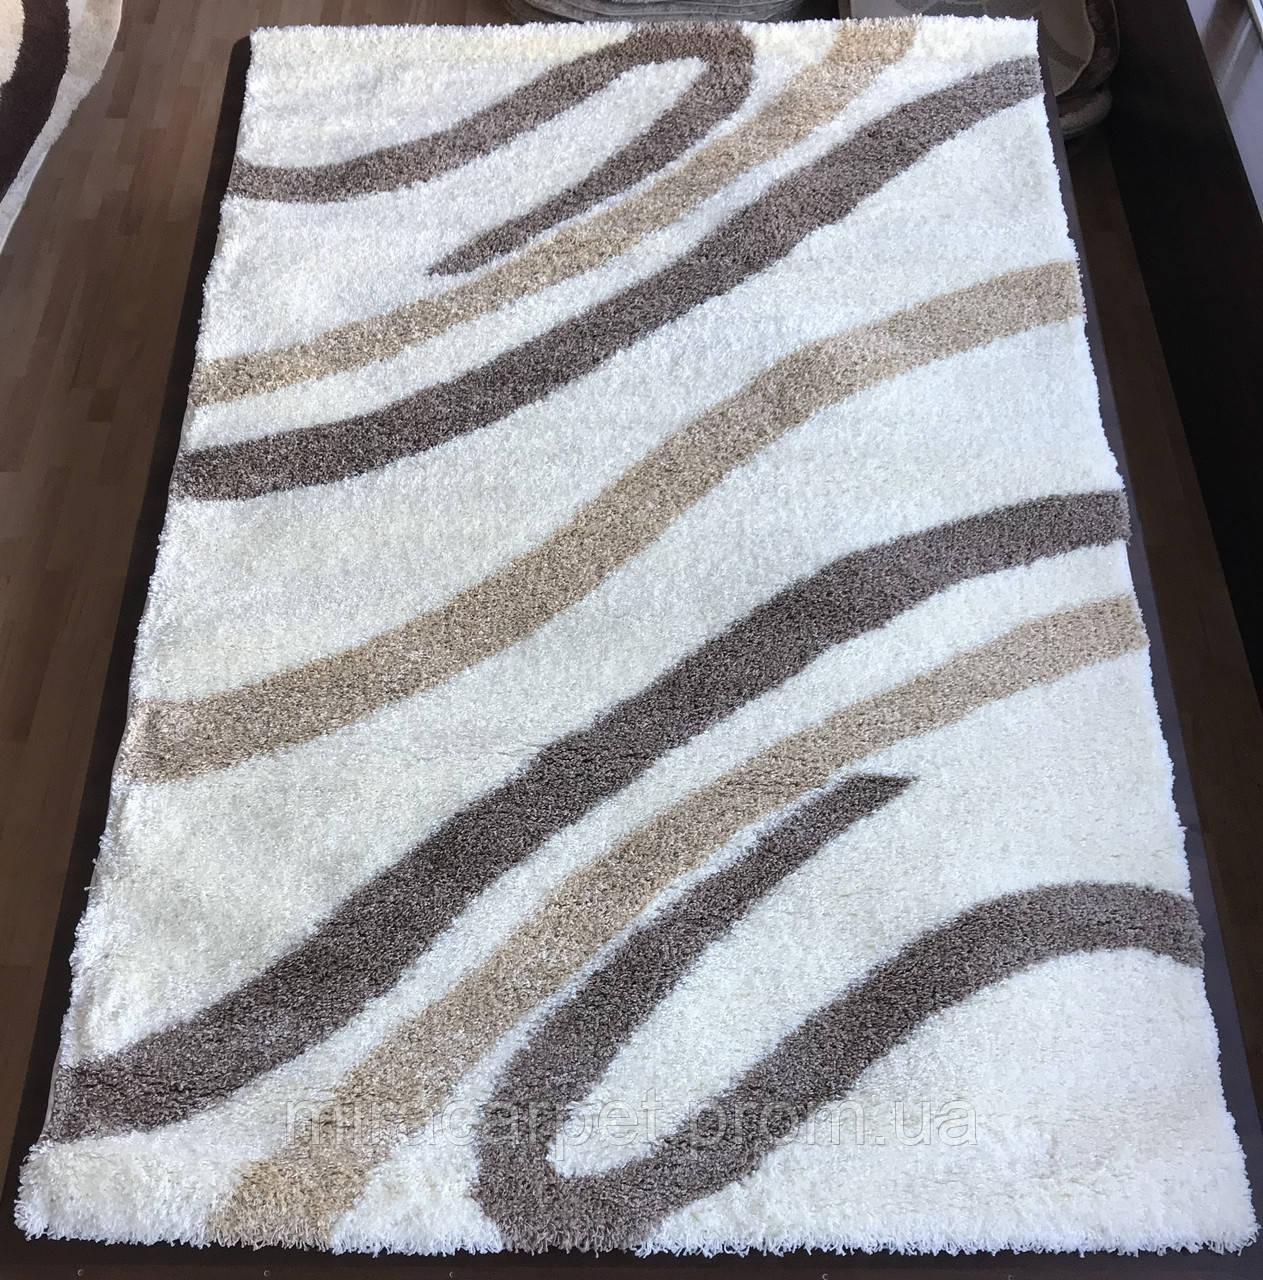 Современные ковры пушистые, ковер ворсистый,  ковер с высоким ворсом,напольные ковровые покрытия,